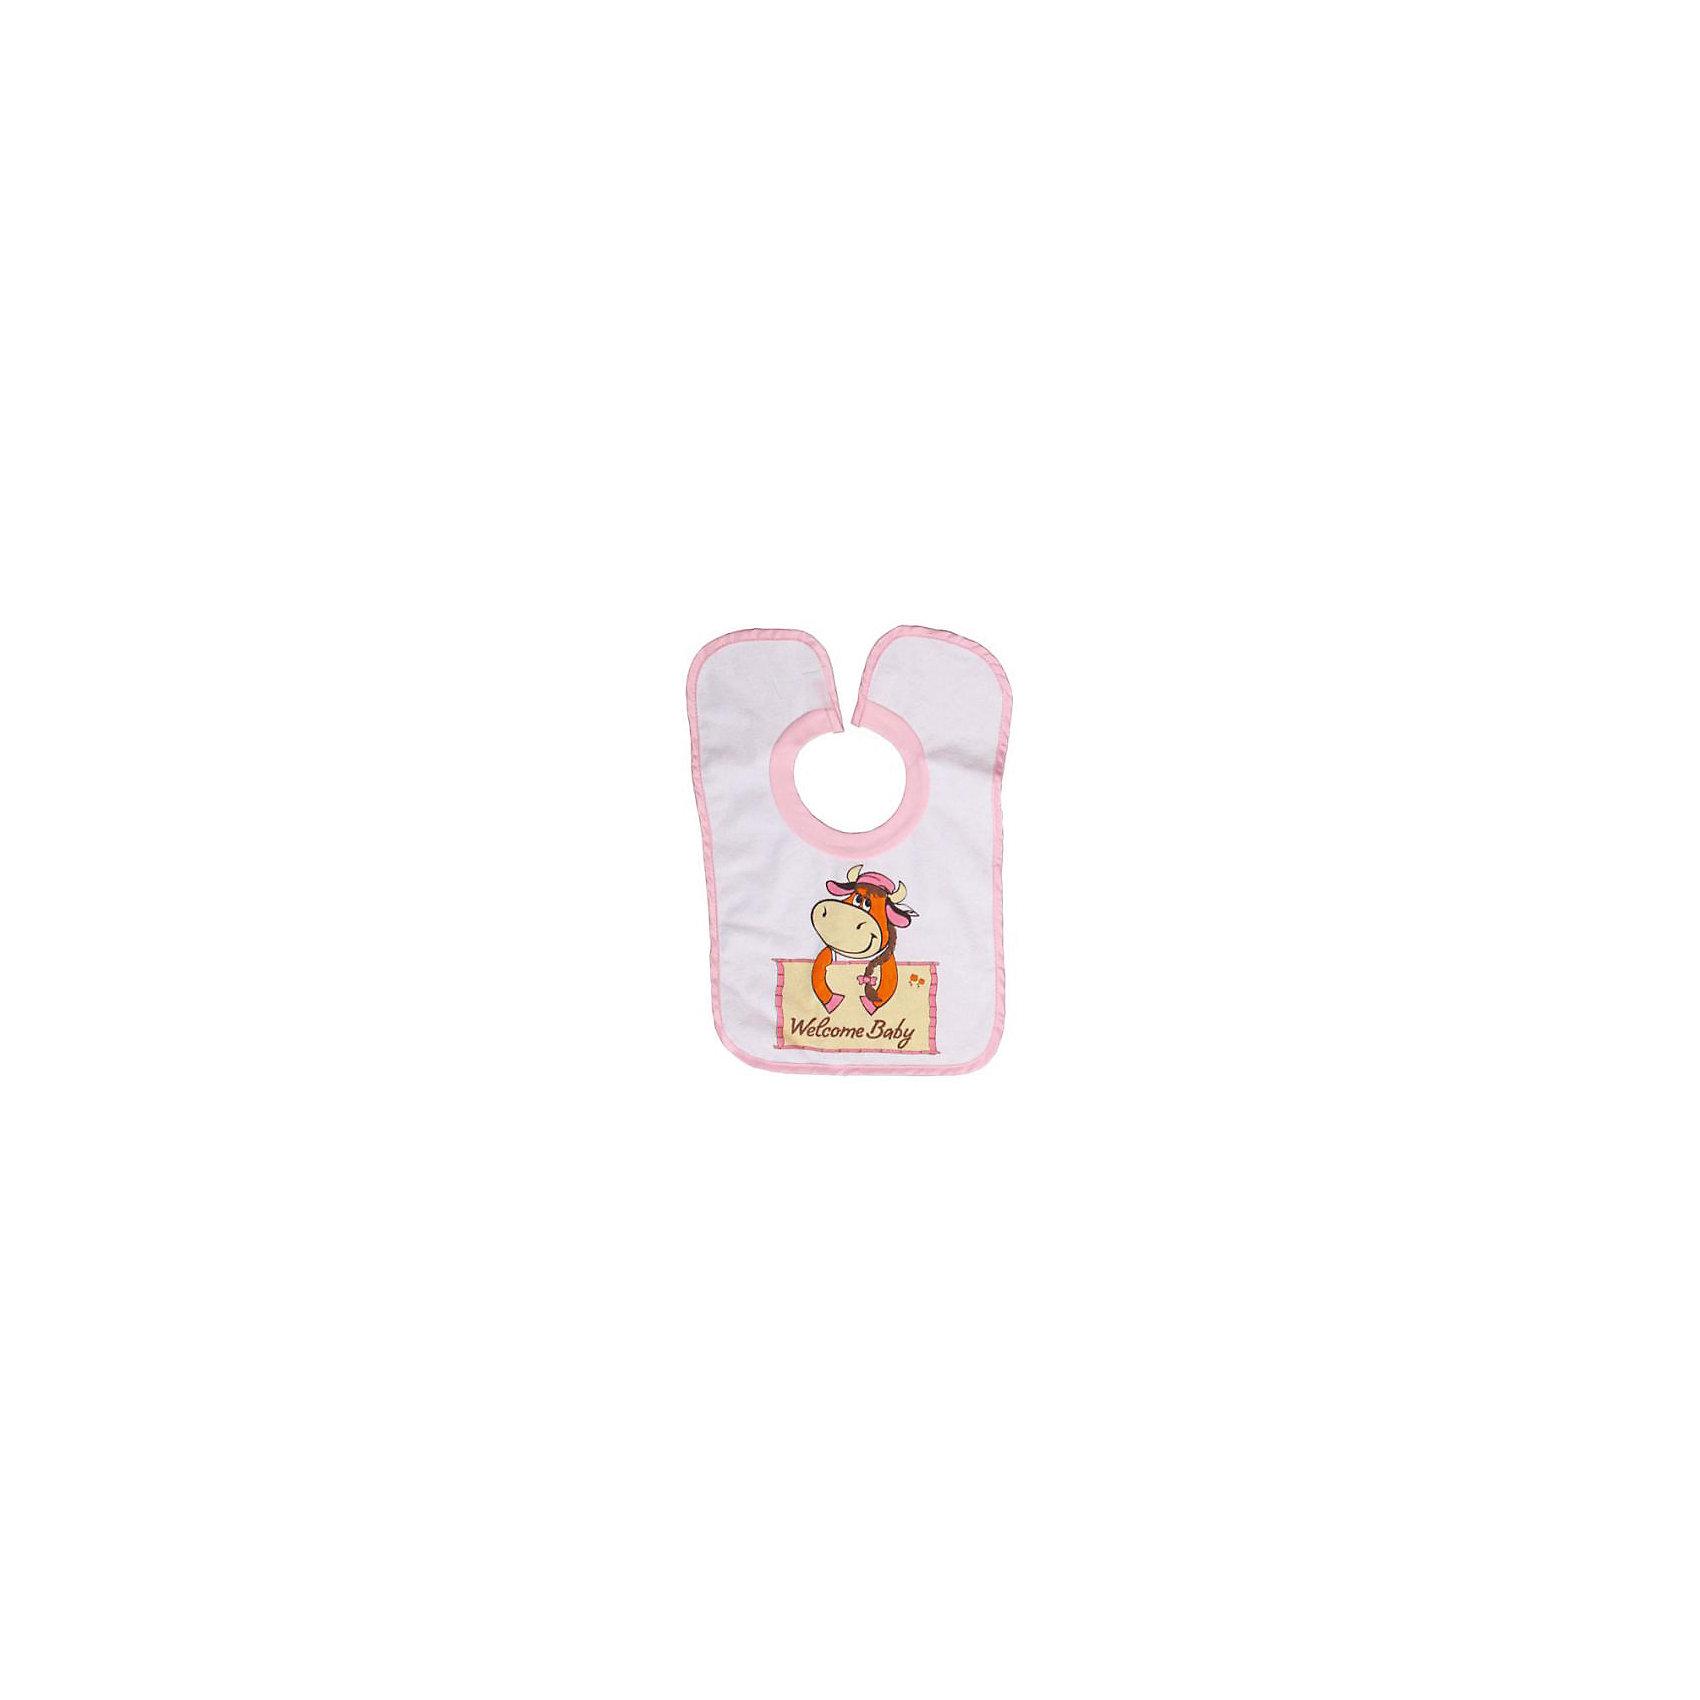 Нагрудник махровый на липучке Корова Sevi baby, розовыйНагрудник махровый на липучке Корова Sevi baby, розовый – яркий нагрудник для малыша, который только учится быть аккуратным во время еды.<br>Нагрудник Sevi Baby с красочным изображением коровы и надписью на английском языке «Добро пожаловать, малыш» прекрасно подойдет для кормления ребенка. Нагрудник выполнен из натуральной экологически чистой махровой ткани с мягким непромокаемым слоем с внутренней стороны. Ткань отлично впитывает влагу. Нагрудник оснащен удобной горловиной-резинкой и застежкой-липучкой. Sevi Baby - это одежда для самых маленьких, созданная с пониманием и заботой о комфорте и здоровье ребенка! Одежда Sevi Baby соответствует Международному стандарту Eko-Tex-Standard 100, группа 1 - Ткань, достойная доверия.<br><br>Дополнительная информация:<br><br>- Возраст: от 3 месяцев до 1 года<br>- Верхний слой: 80% хлопок, 20% полиэстер<br>- Подкладка: 100% полиуретан<br>- Размер упаковки: 36 х 24 х 5 см.<br><br>Нагрудник махровый на липучке Корова Sevi baby, розовый можно купить в нашем интернет-магазине.<br><br>Ширина мм: 360<br>Глубина мм: 240<br>Высота мм: 50<br>Вес г: 80<br>Цвет: розовый<br>Возраст от месяцев: 3<br>Возраст до месяцев: 12<br>Пол: Женский<br>Возраст: Детский<br>SKU: 4236865